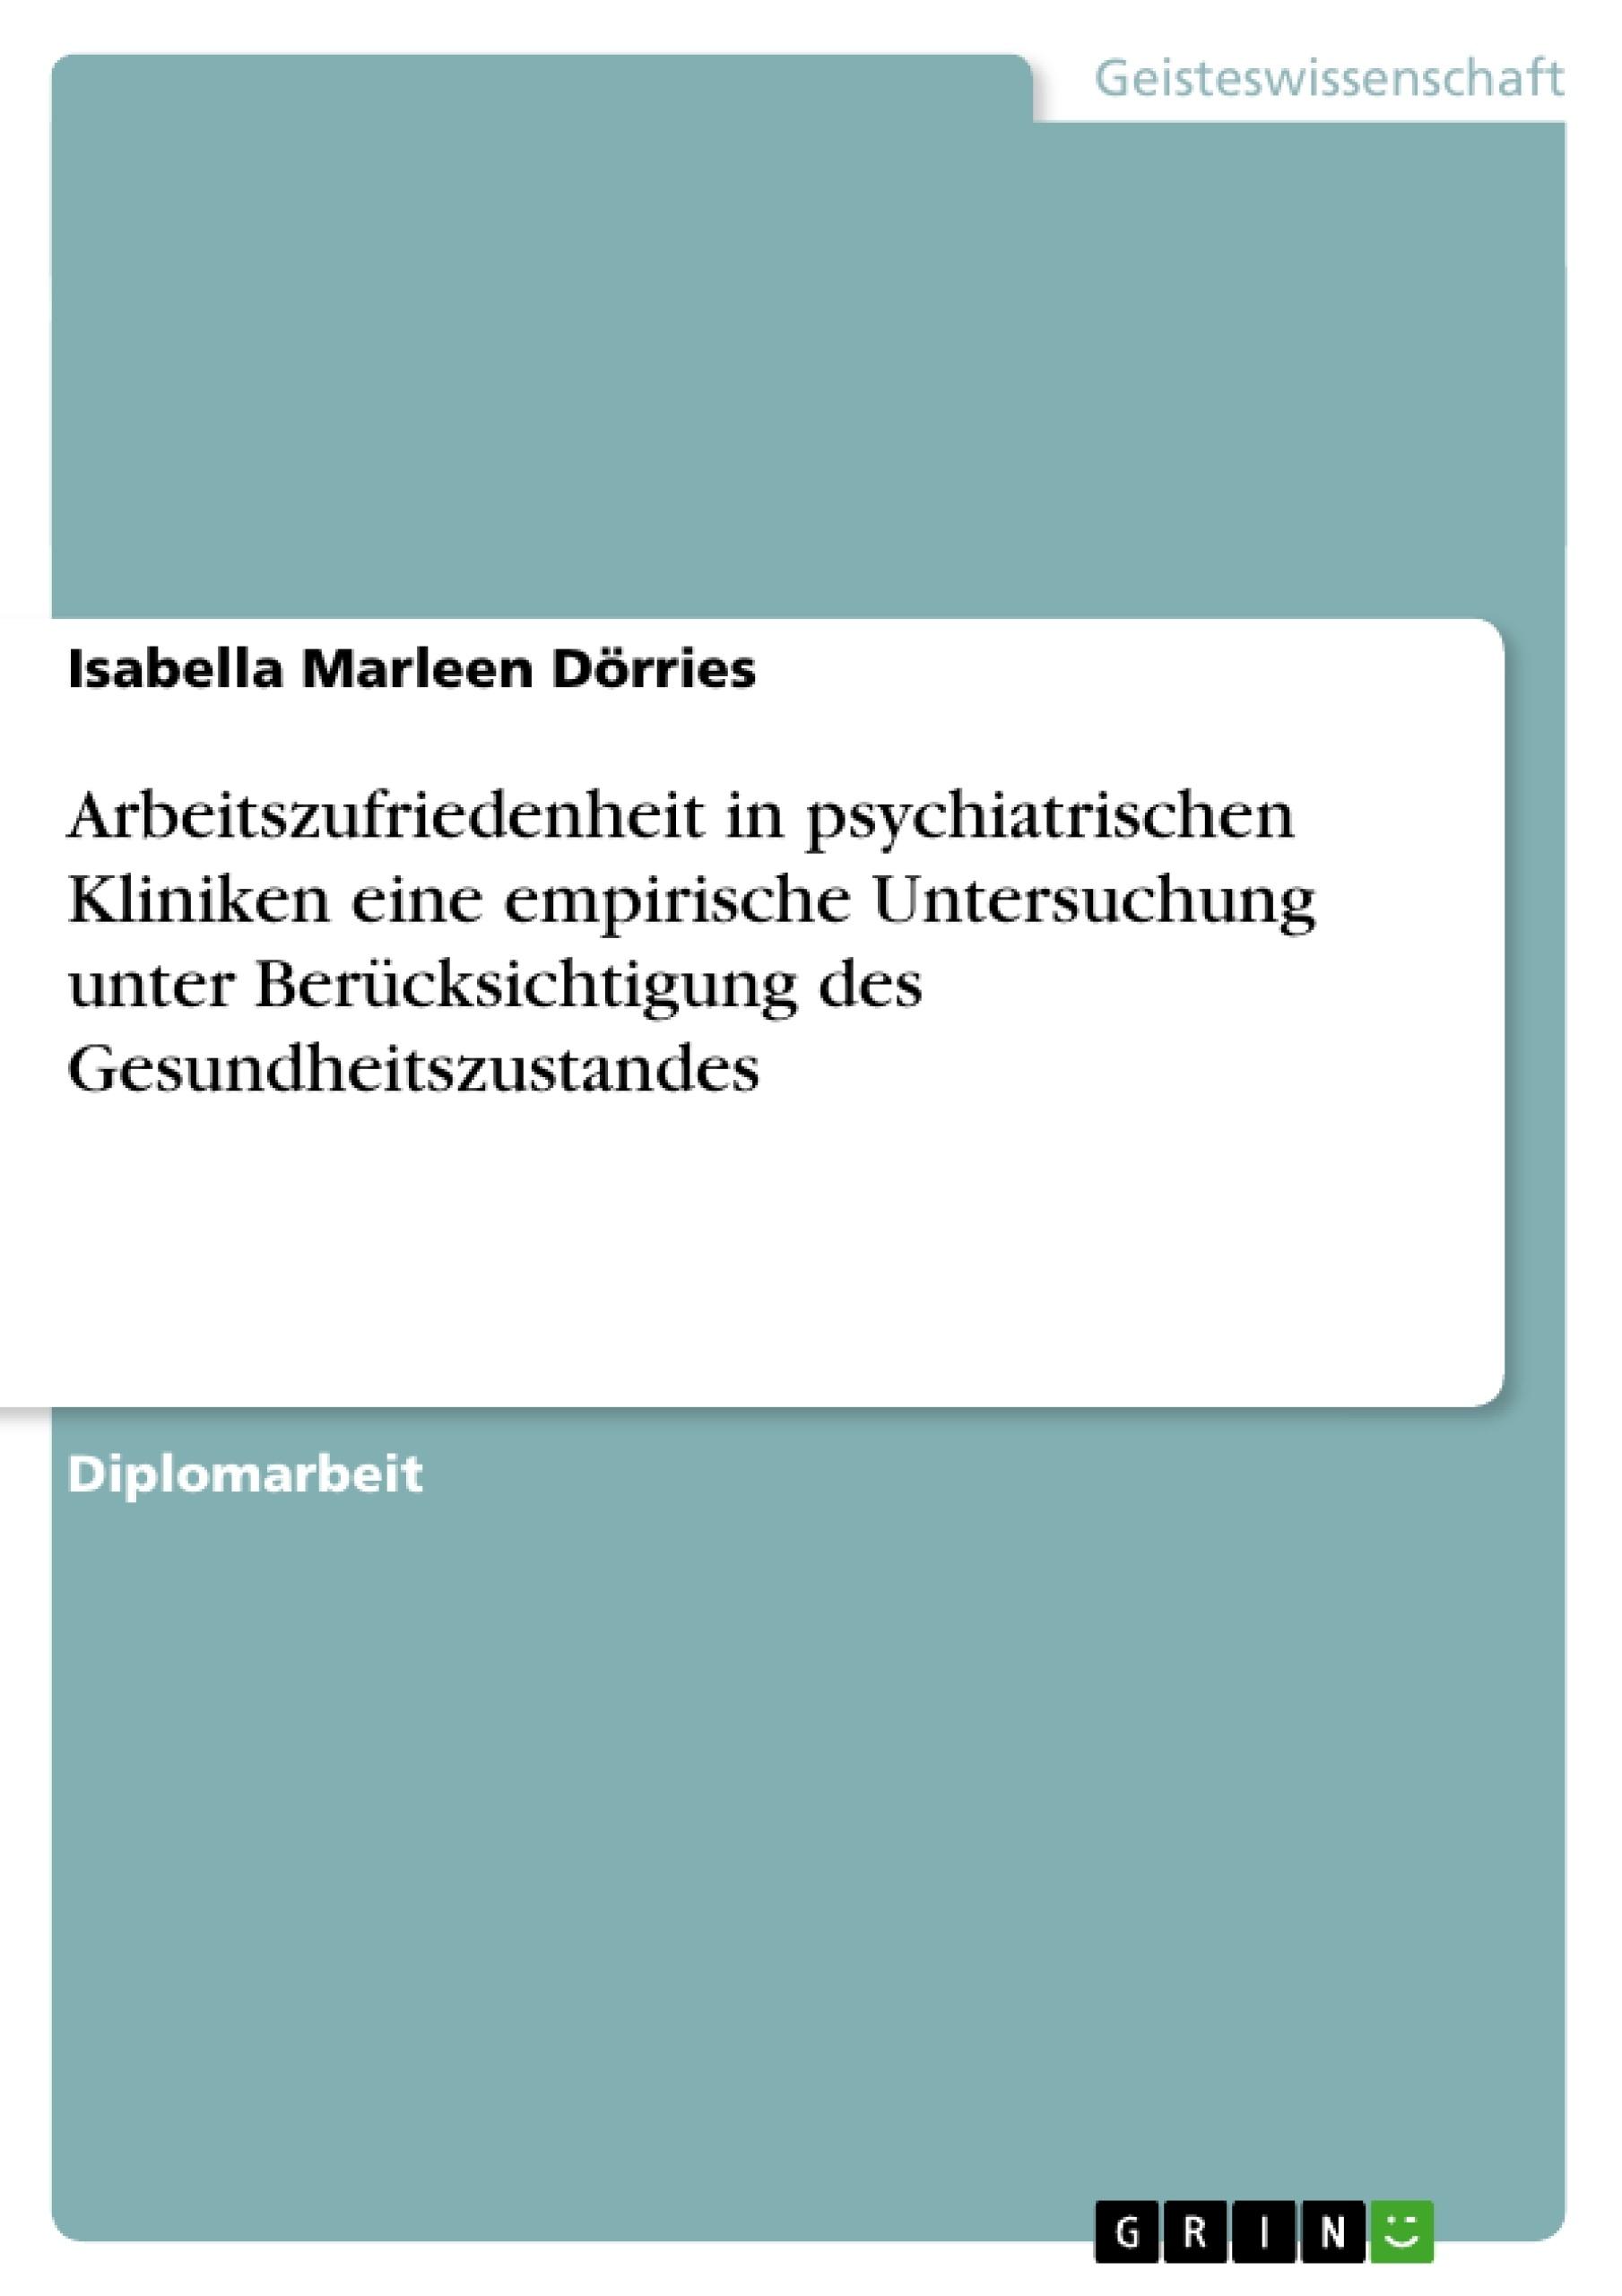 Titel: Arbeitszufriedenheit in psychiatrischen Kliniken eine empirische Untersuchung unter Berücksichtigung des Gesundheitszustandes